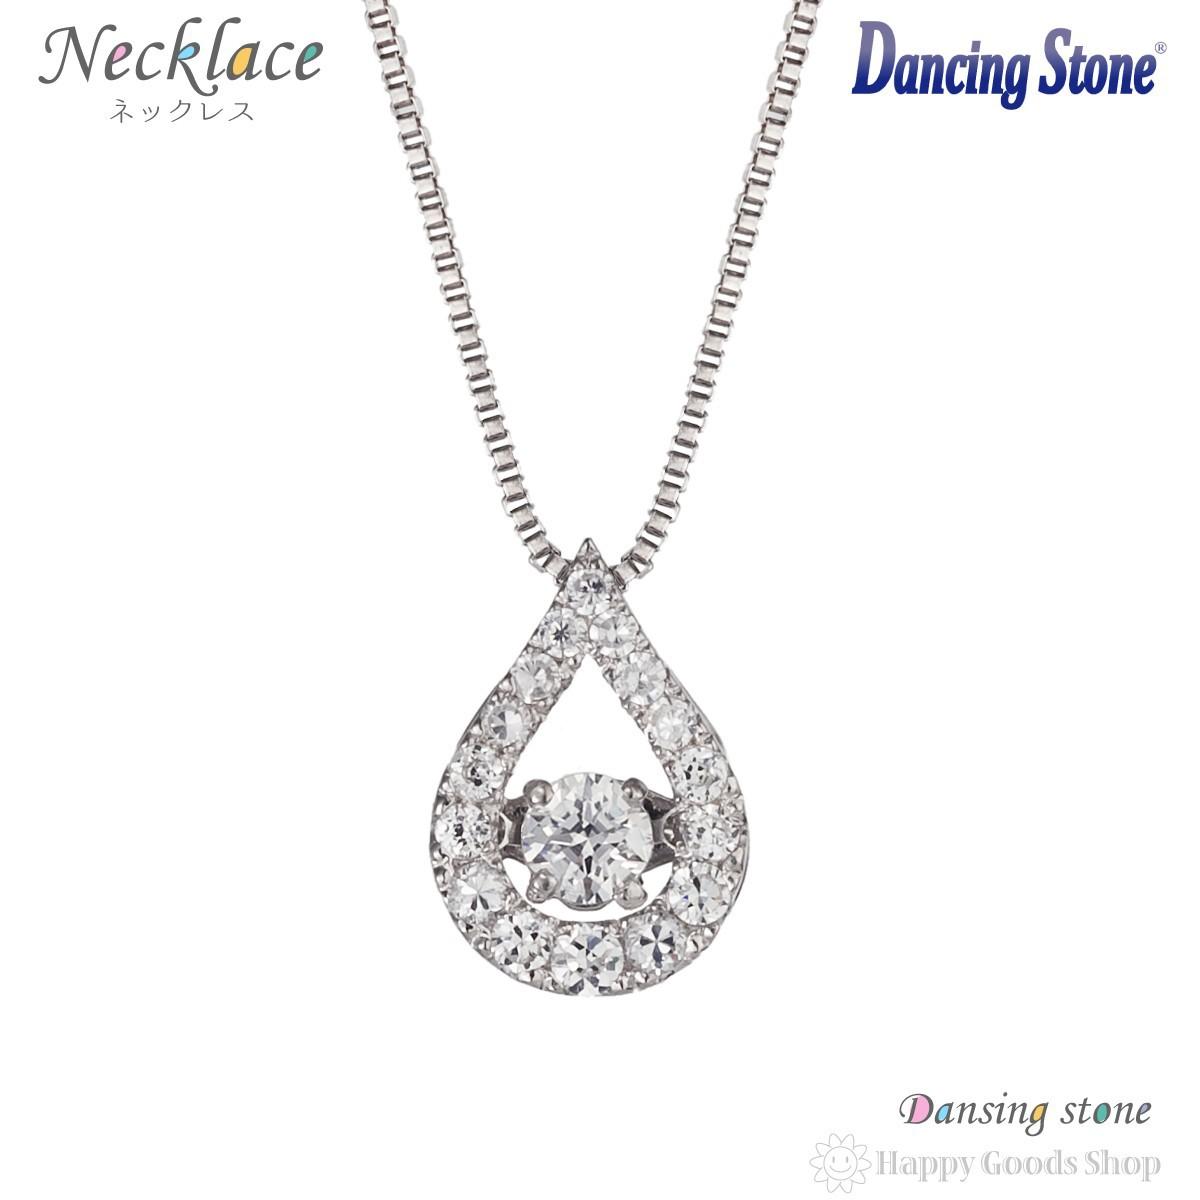 踊る宝石 ダンシングストーン 揺れる ネックレス クロスフォーニューヨーク DansingStone Twinkle Tear NYP-529 ギフトボックス入り 品質保証付